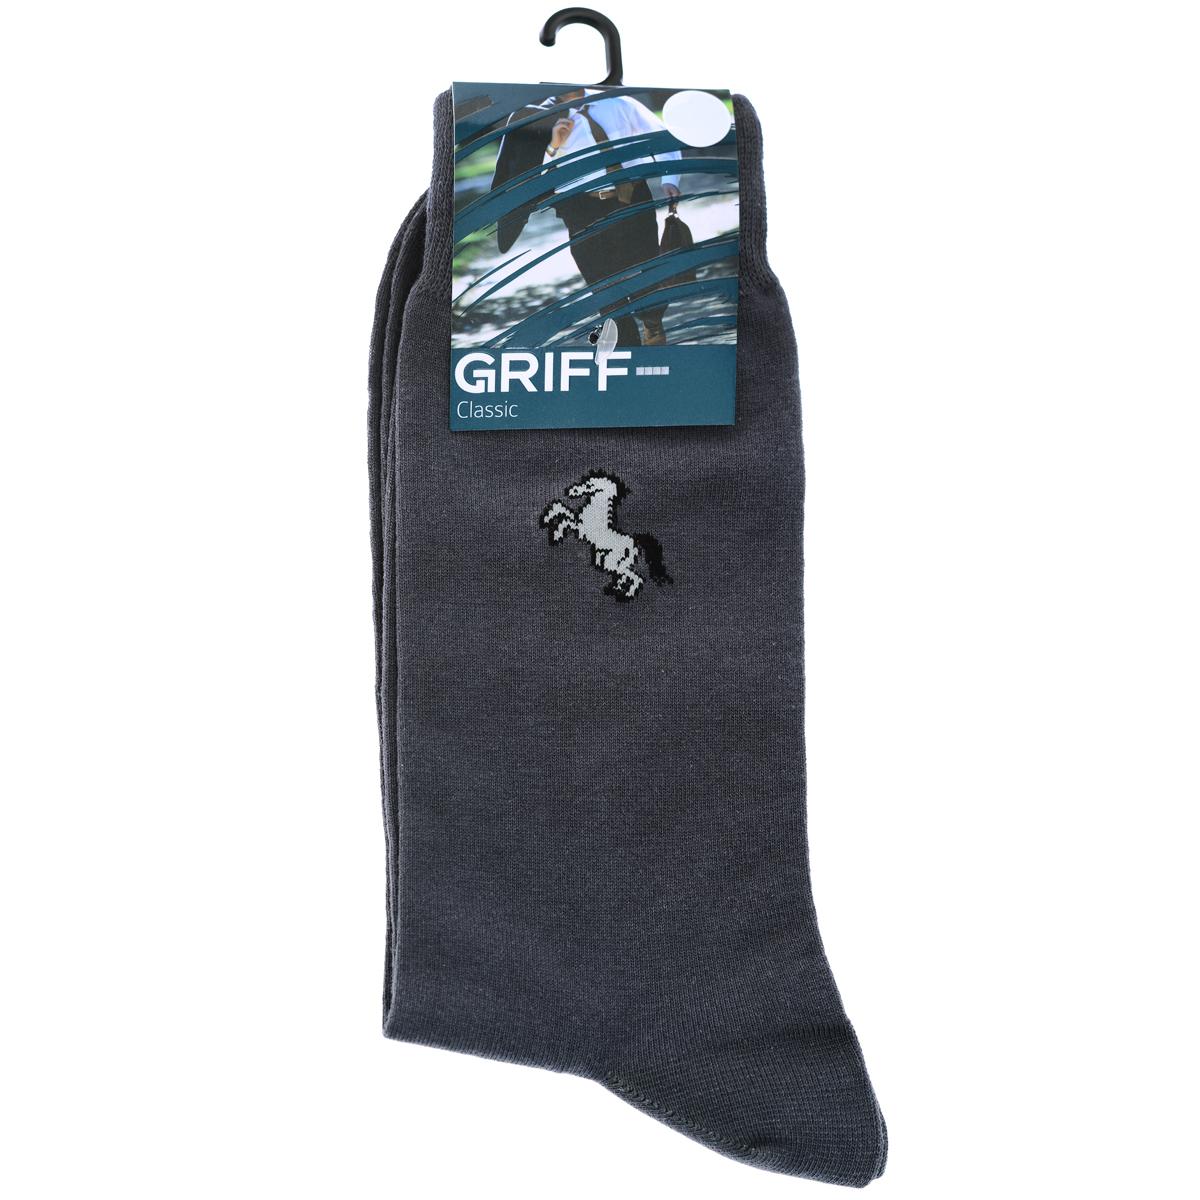 Носки мужские Griff Classic, цвет: темно-серый. В1. Размер 45/47B1Мужские носки Griff Classic с удлиненным паголенком изготовлены из высококачественного сырья с добавлением полиамидных и эластановых волокон, которые обеспечивают великолепную посадку. Носки отличаются элегантным внешним видом. Удобная широкая резинка идеально облегает ногу и не пережимает сосуды, усиленные пятка и мысок повышают износоустойчивость носка.